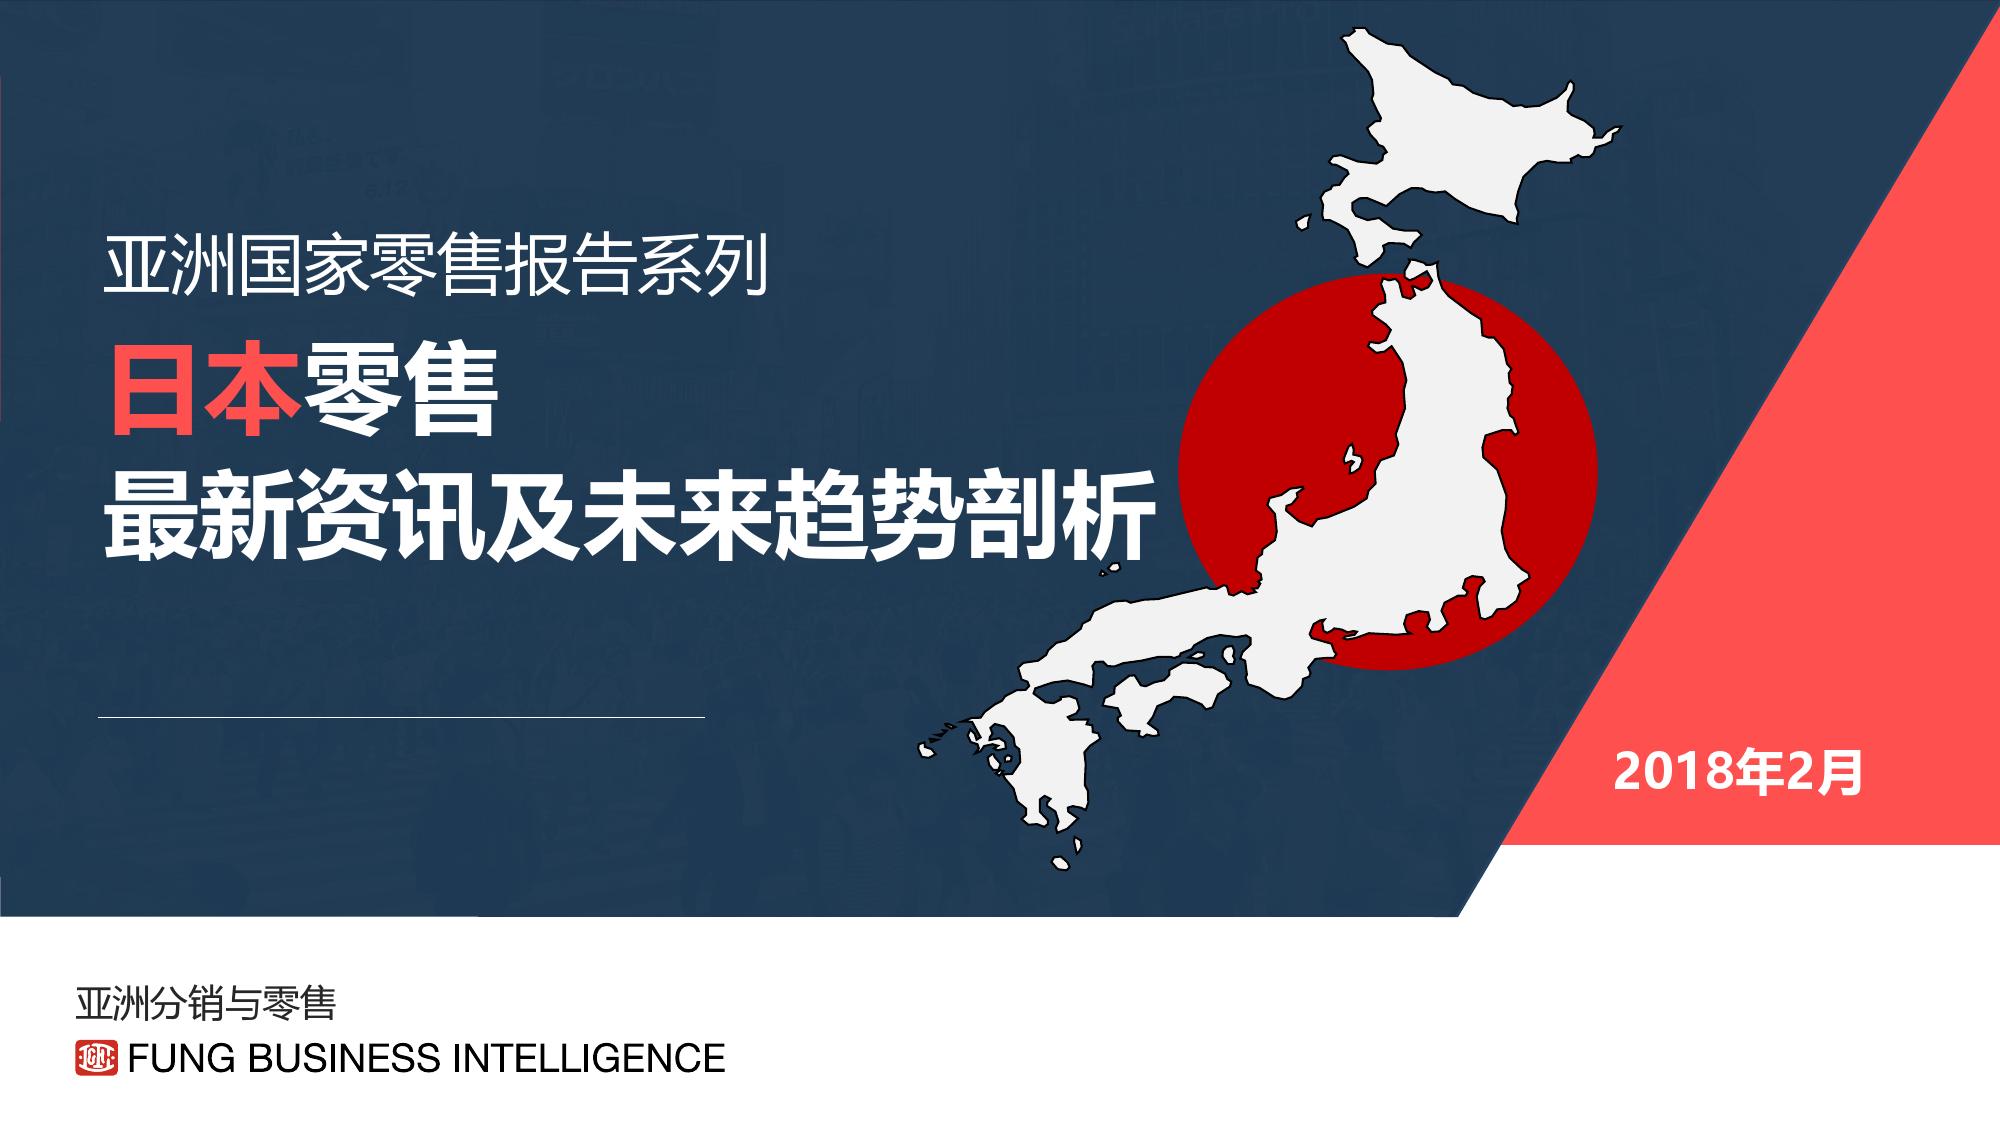 冯氏:2018日本零售最新资讯及未来趋势剖析(附下载)